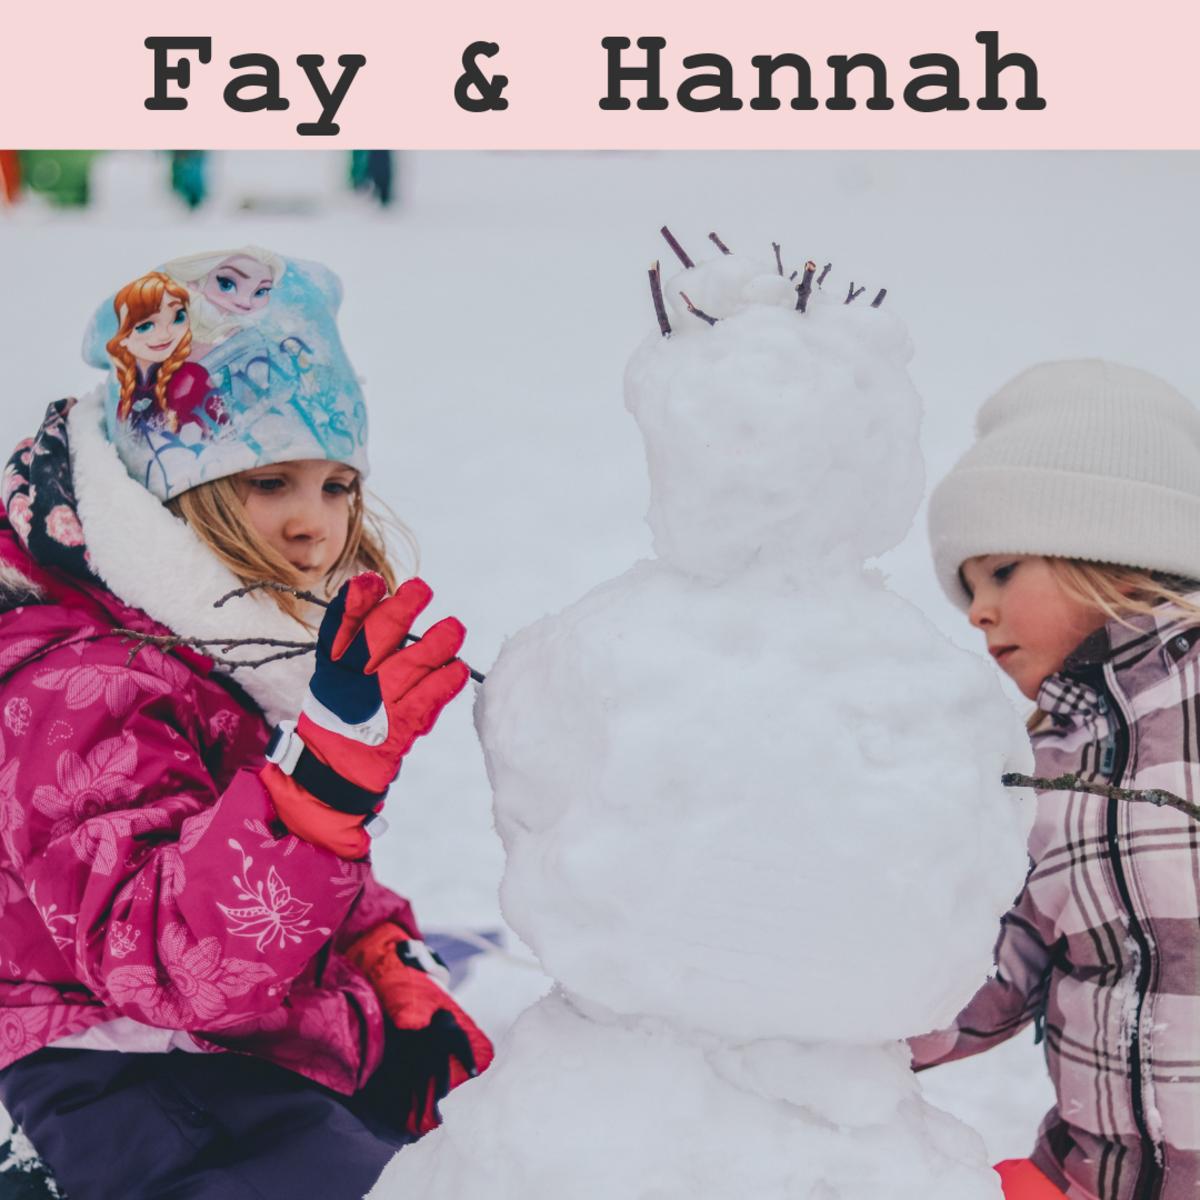 Fay and Hannah